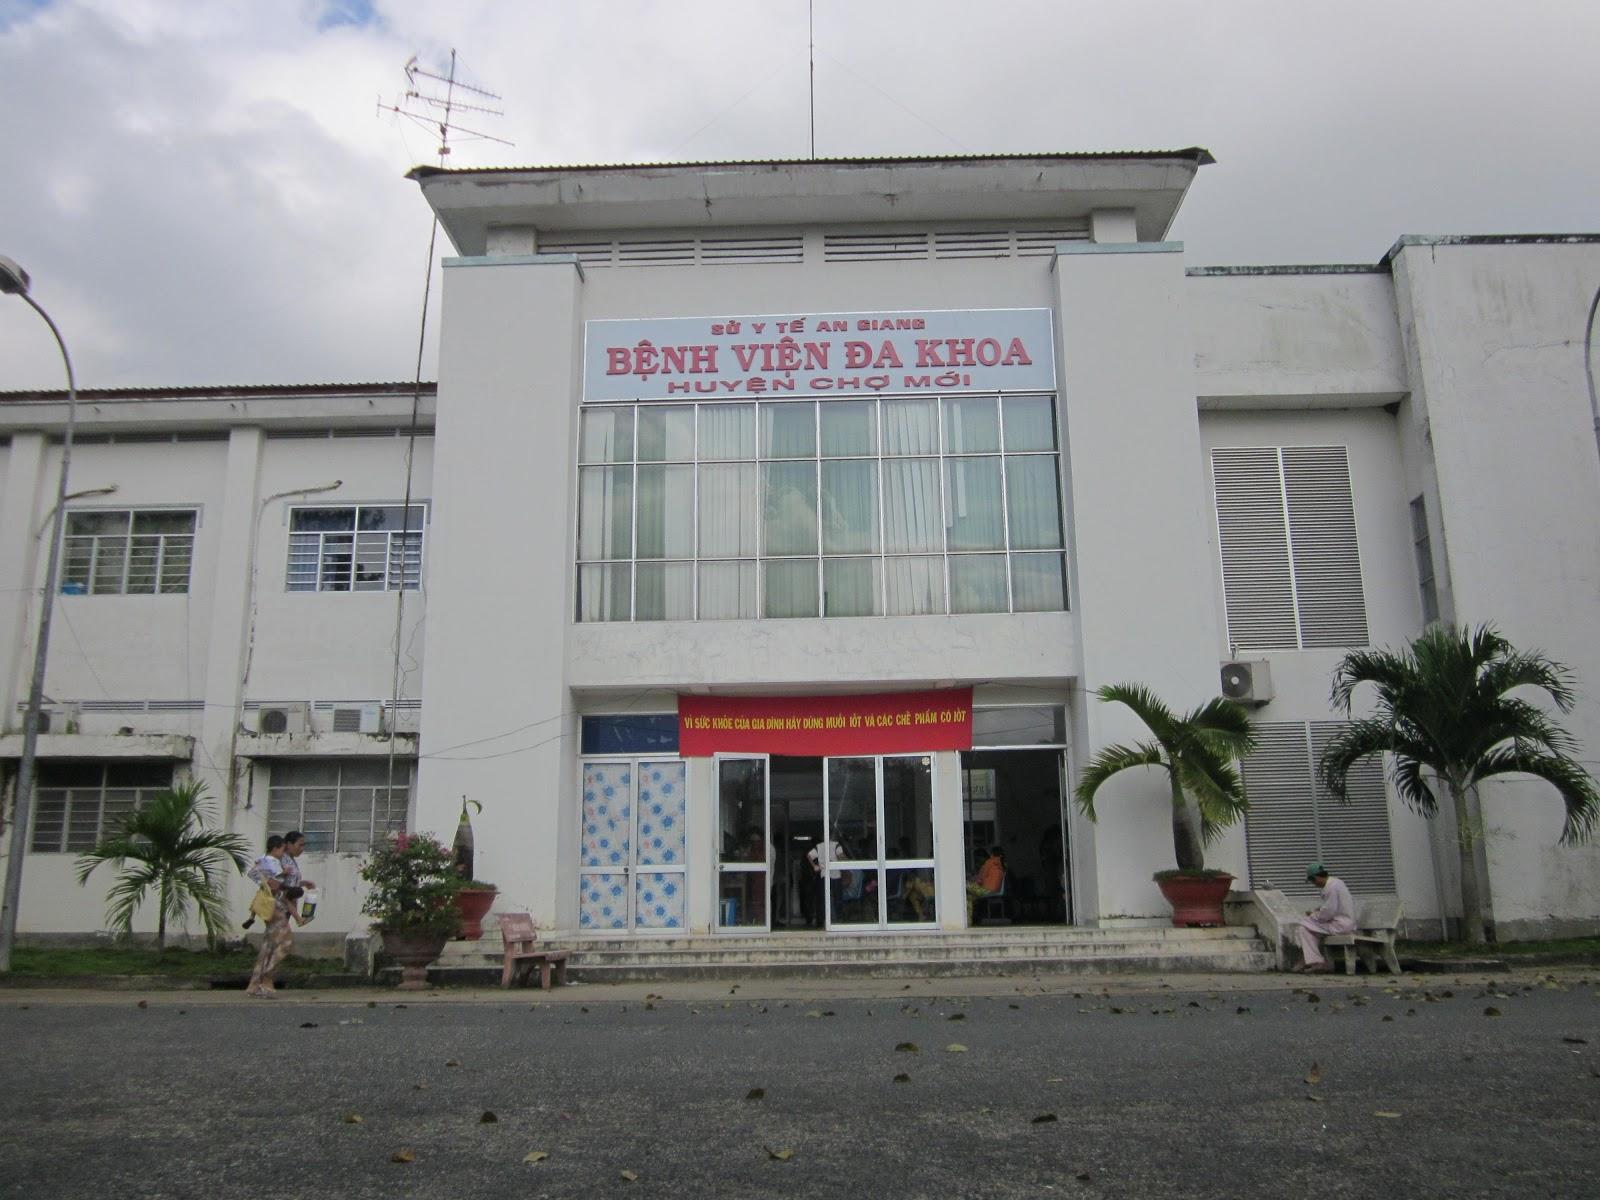 Bệnh viện đa khoa huyện Chợ Mới